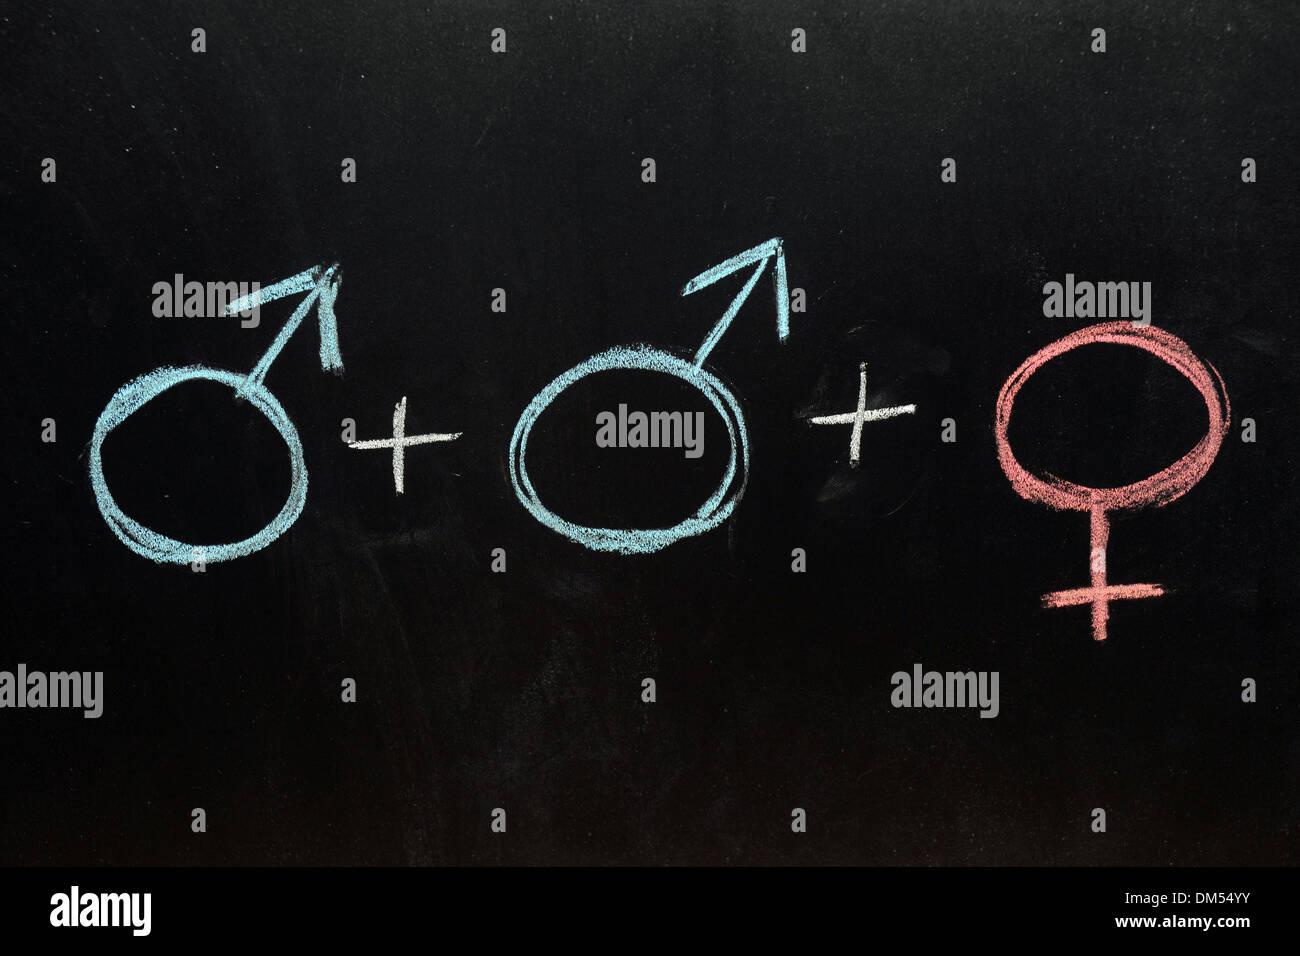 2 macho y 1 hembra símbolos de género dibujado en una pizarra de tiza. Imagen De Stock